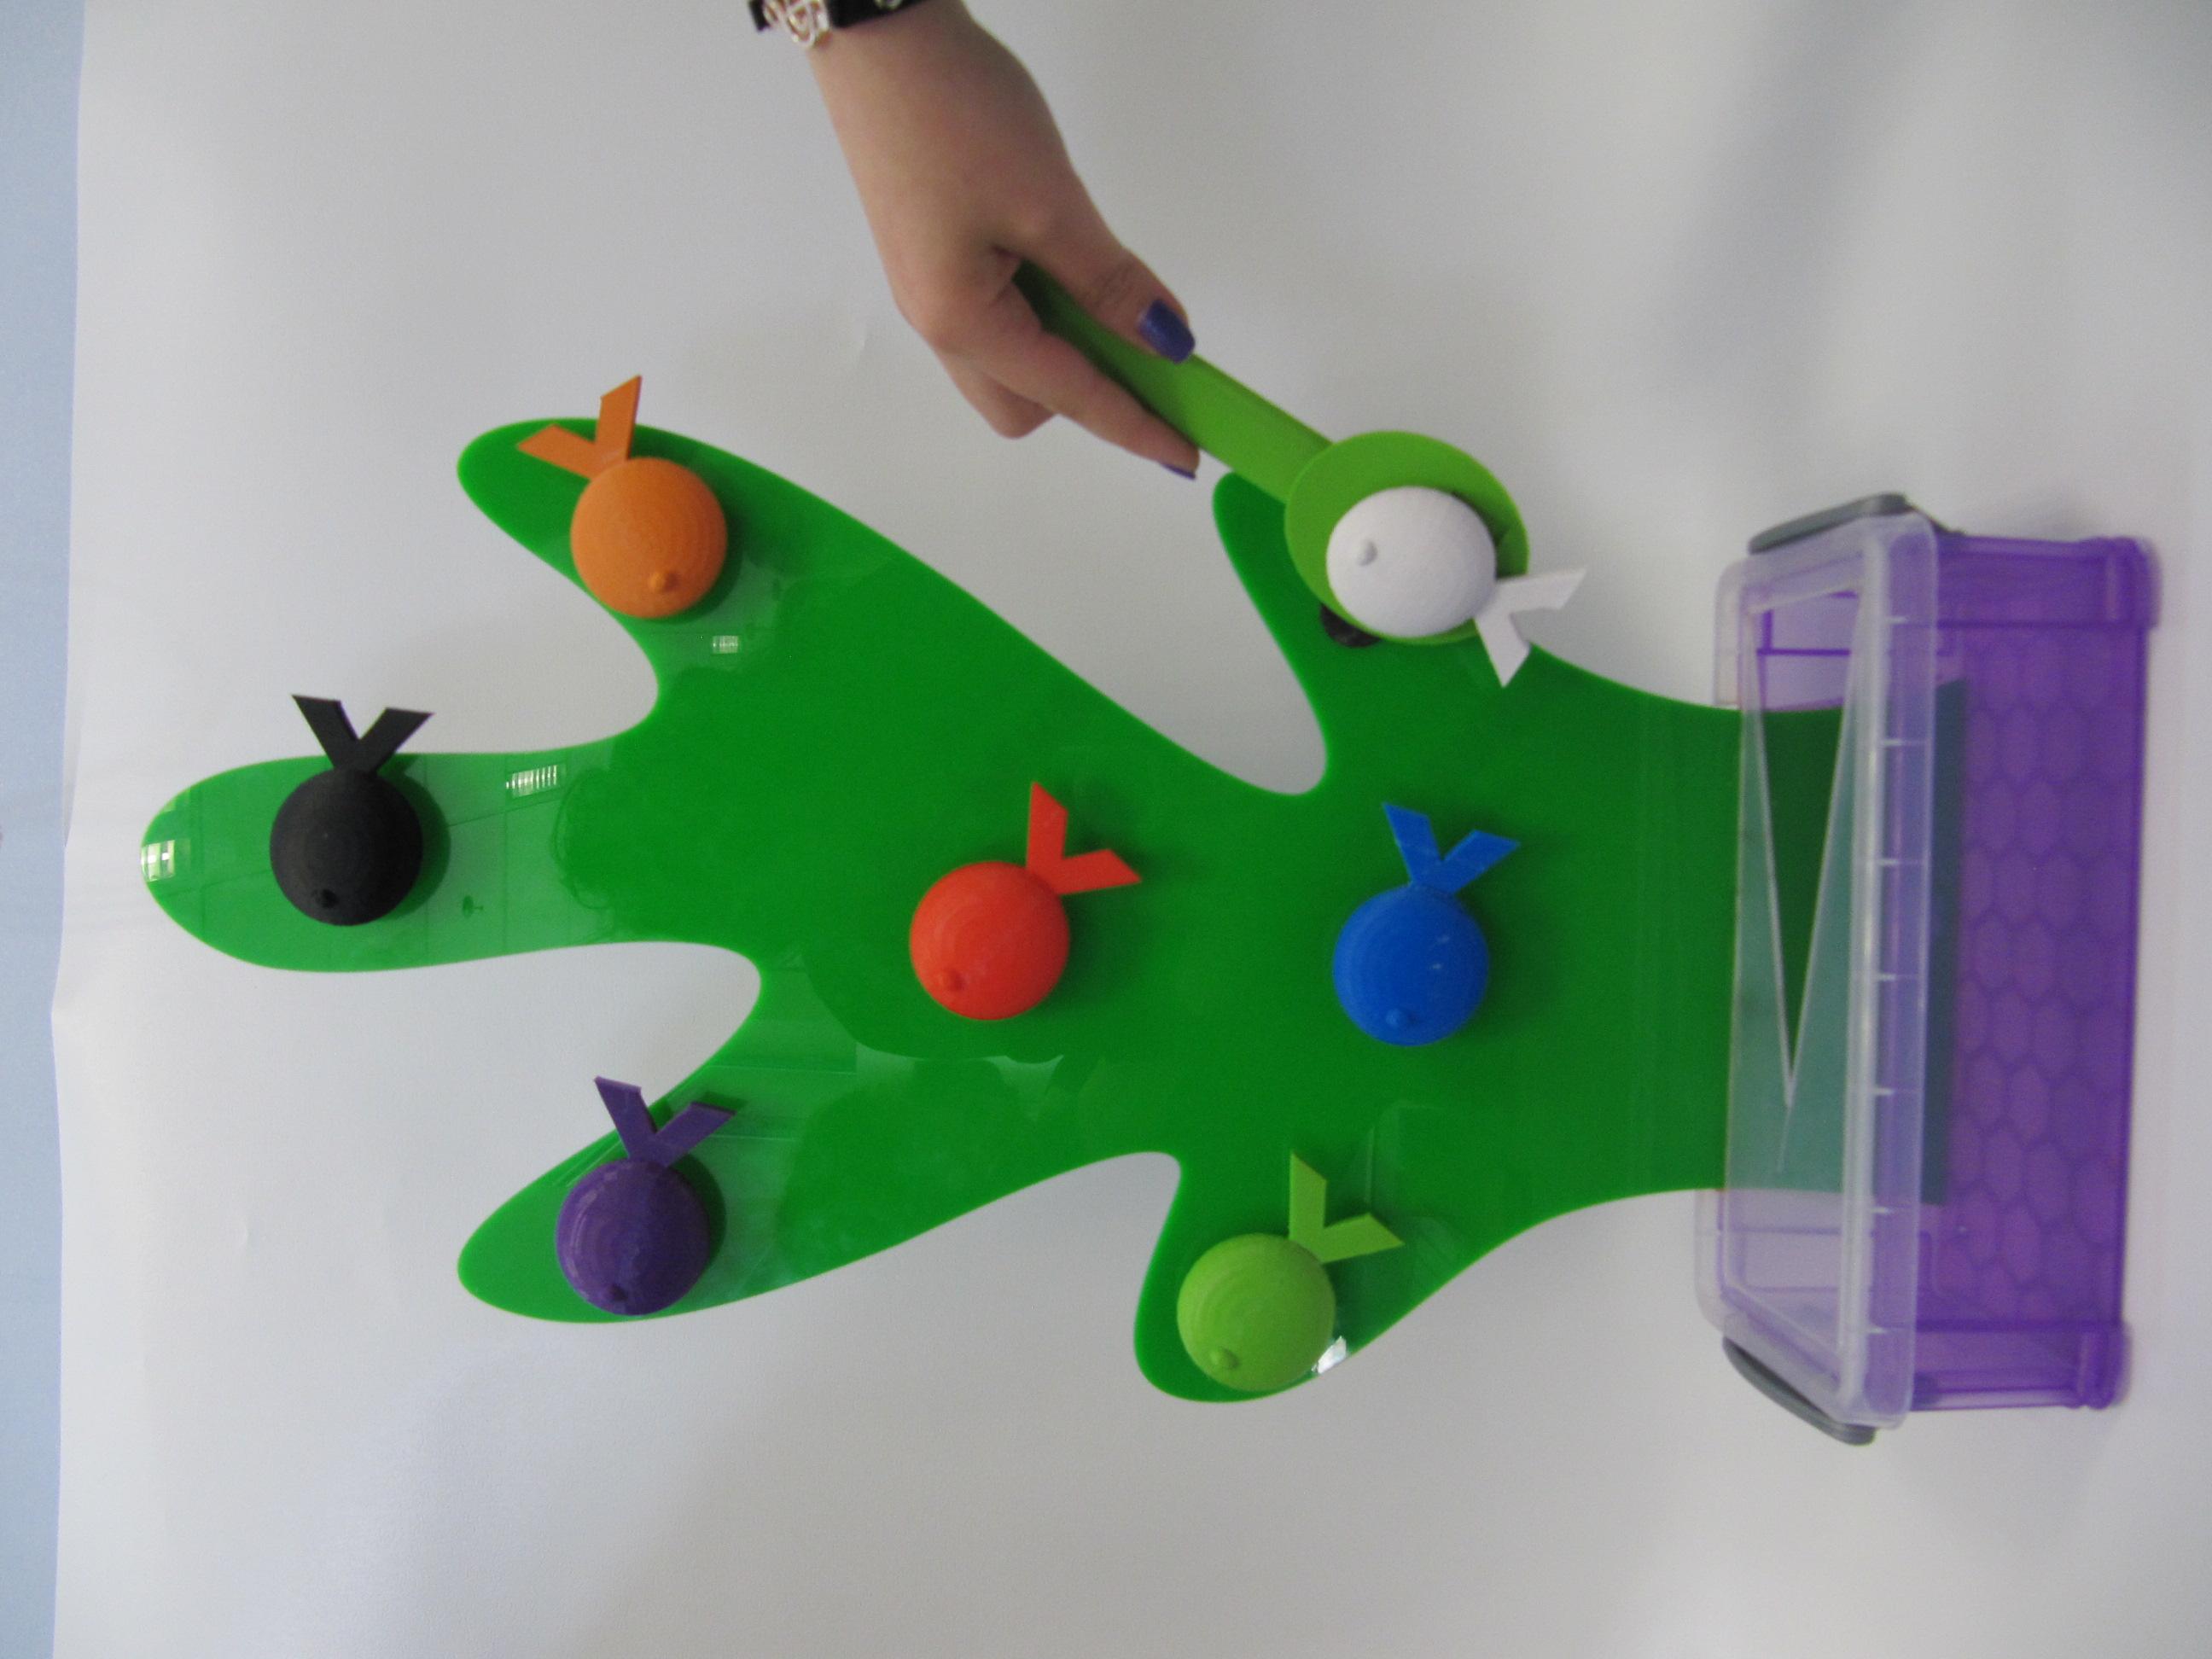 משחק דייג בהדפסה תלת מימדית